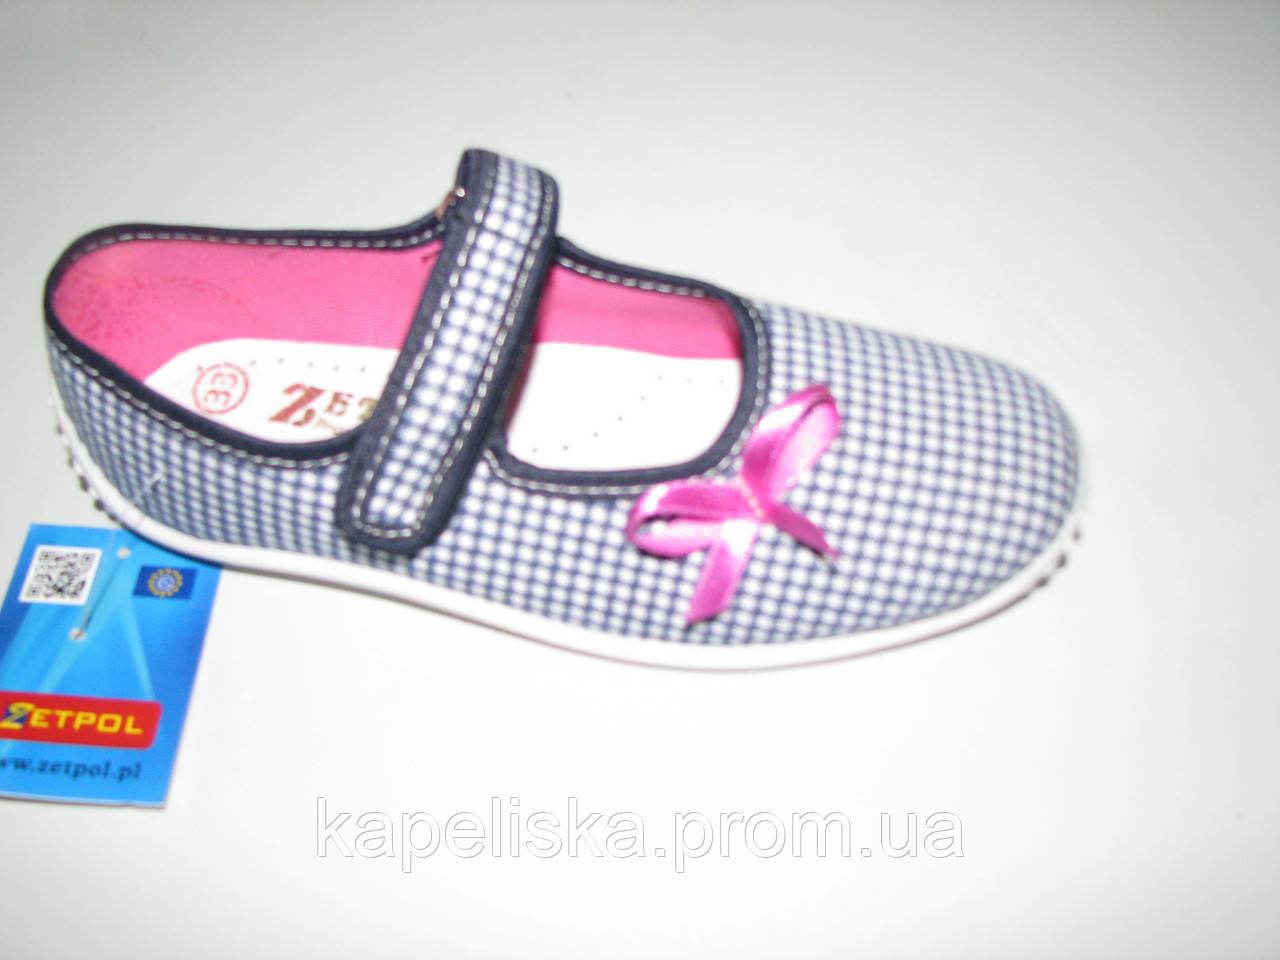 Zetpol тапочки для дівчинки, обувь тапочки для девочки, макасины